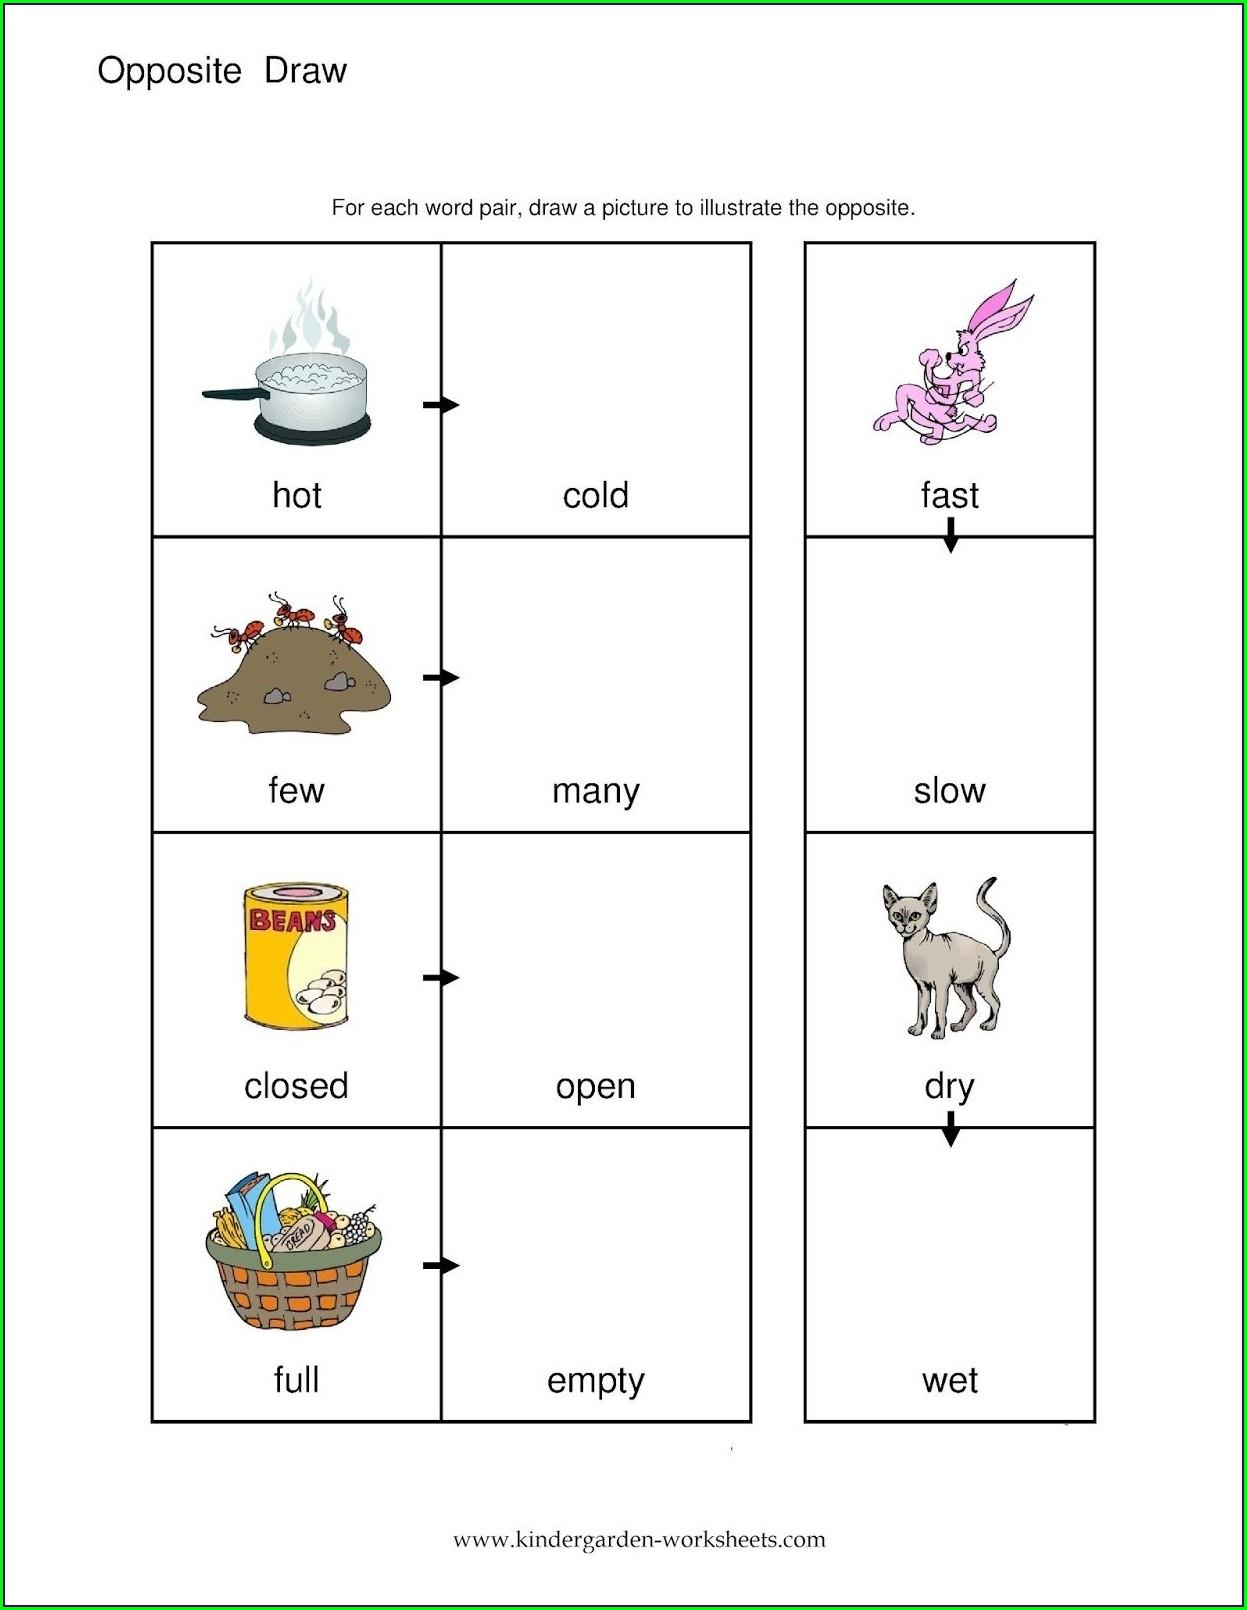 Preschool Worksheet For Opposites